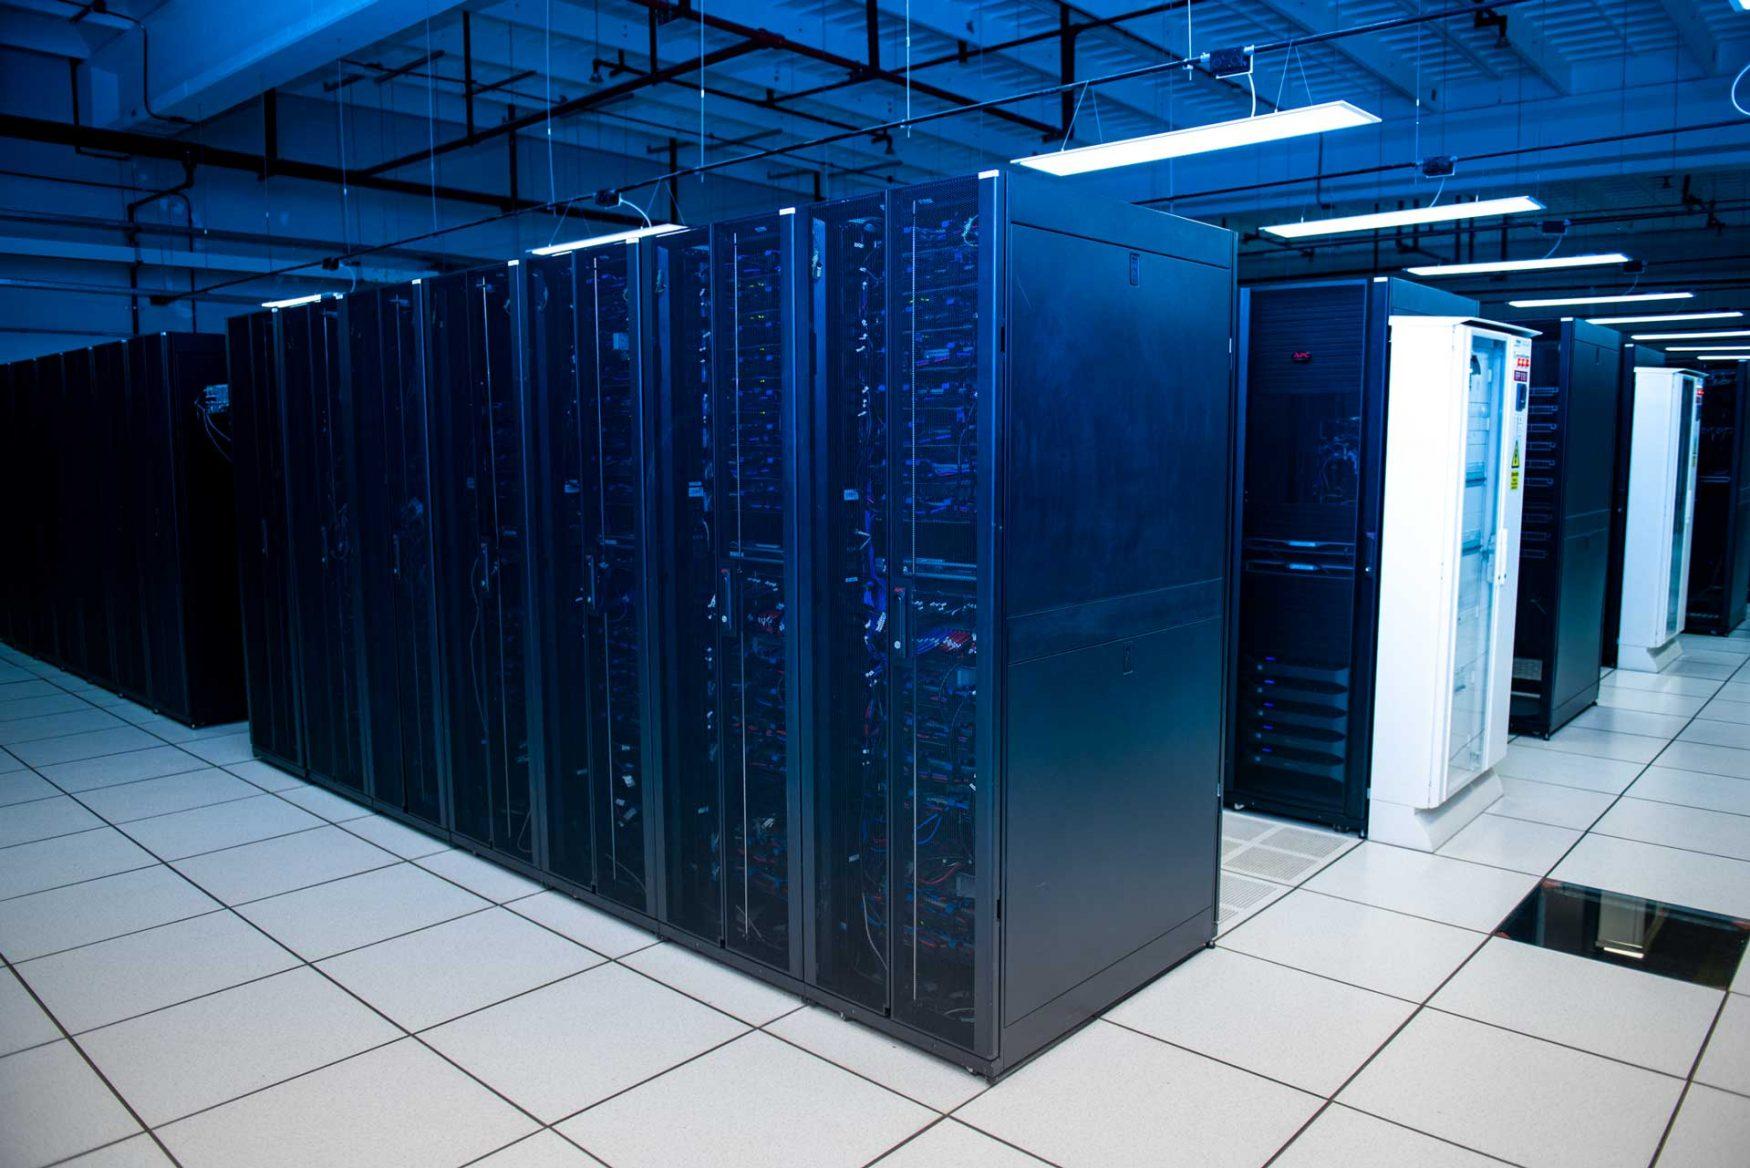 Hilera y filas de racks cerrados e iluminados en una sala del Centro Nacional de Datos.